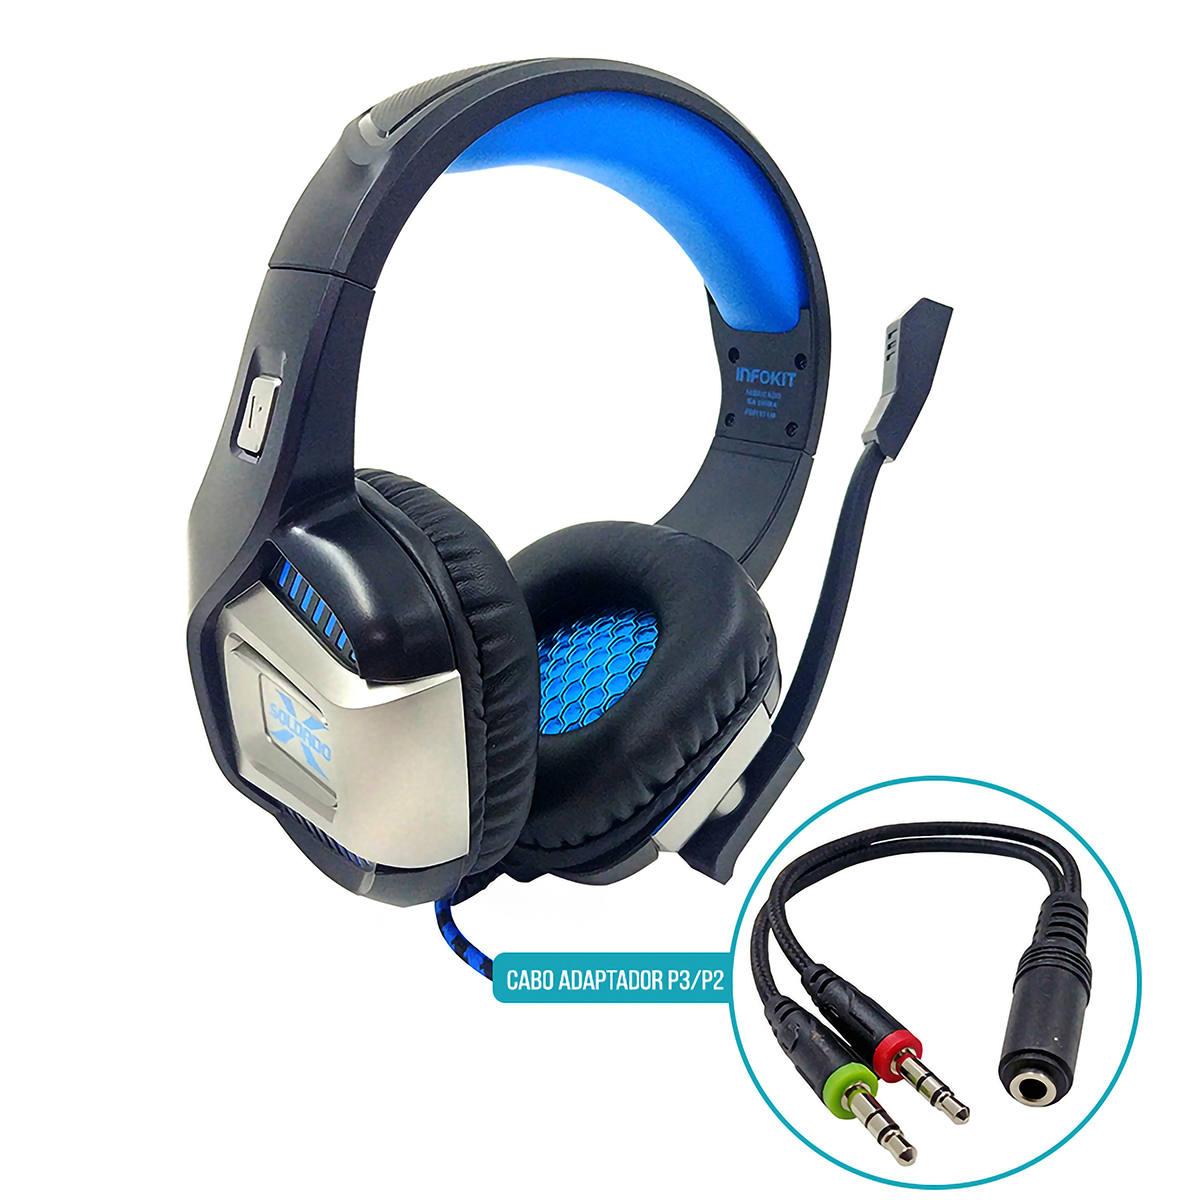 Fone Gamer Flexível 7.1 Surround para Ps4/PC/Celular com Microfone Articulado Cabo 210cm Infokit GH-X1800 Azul